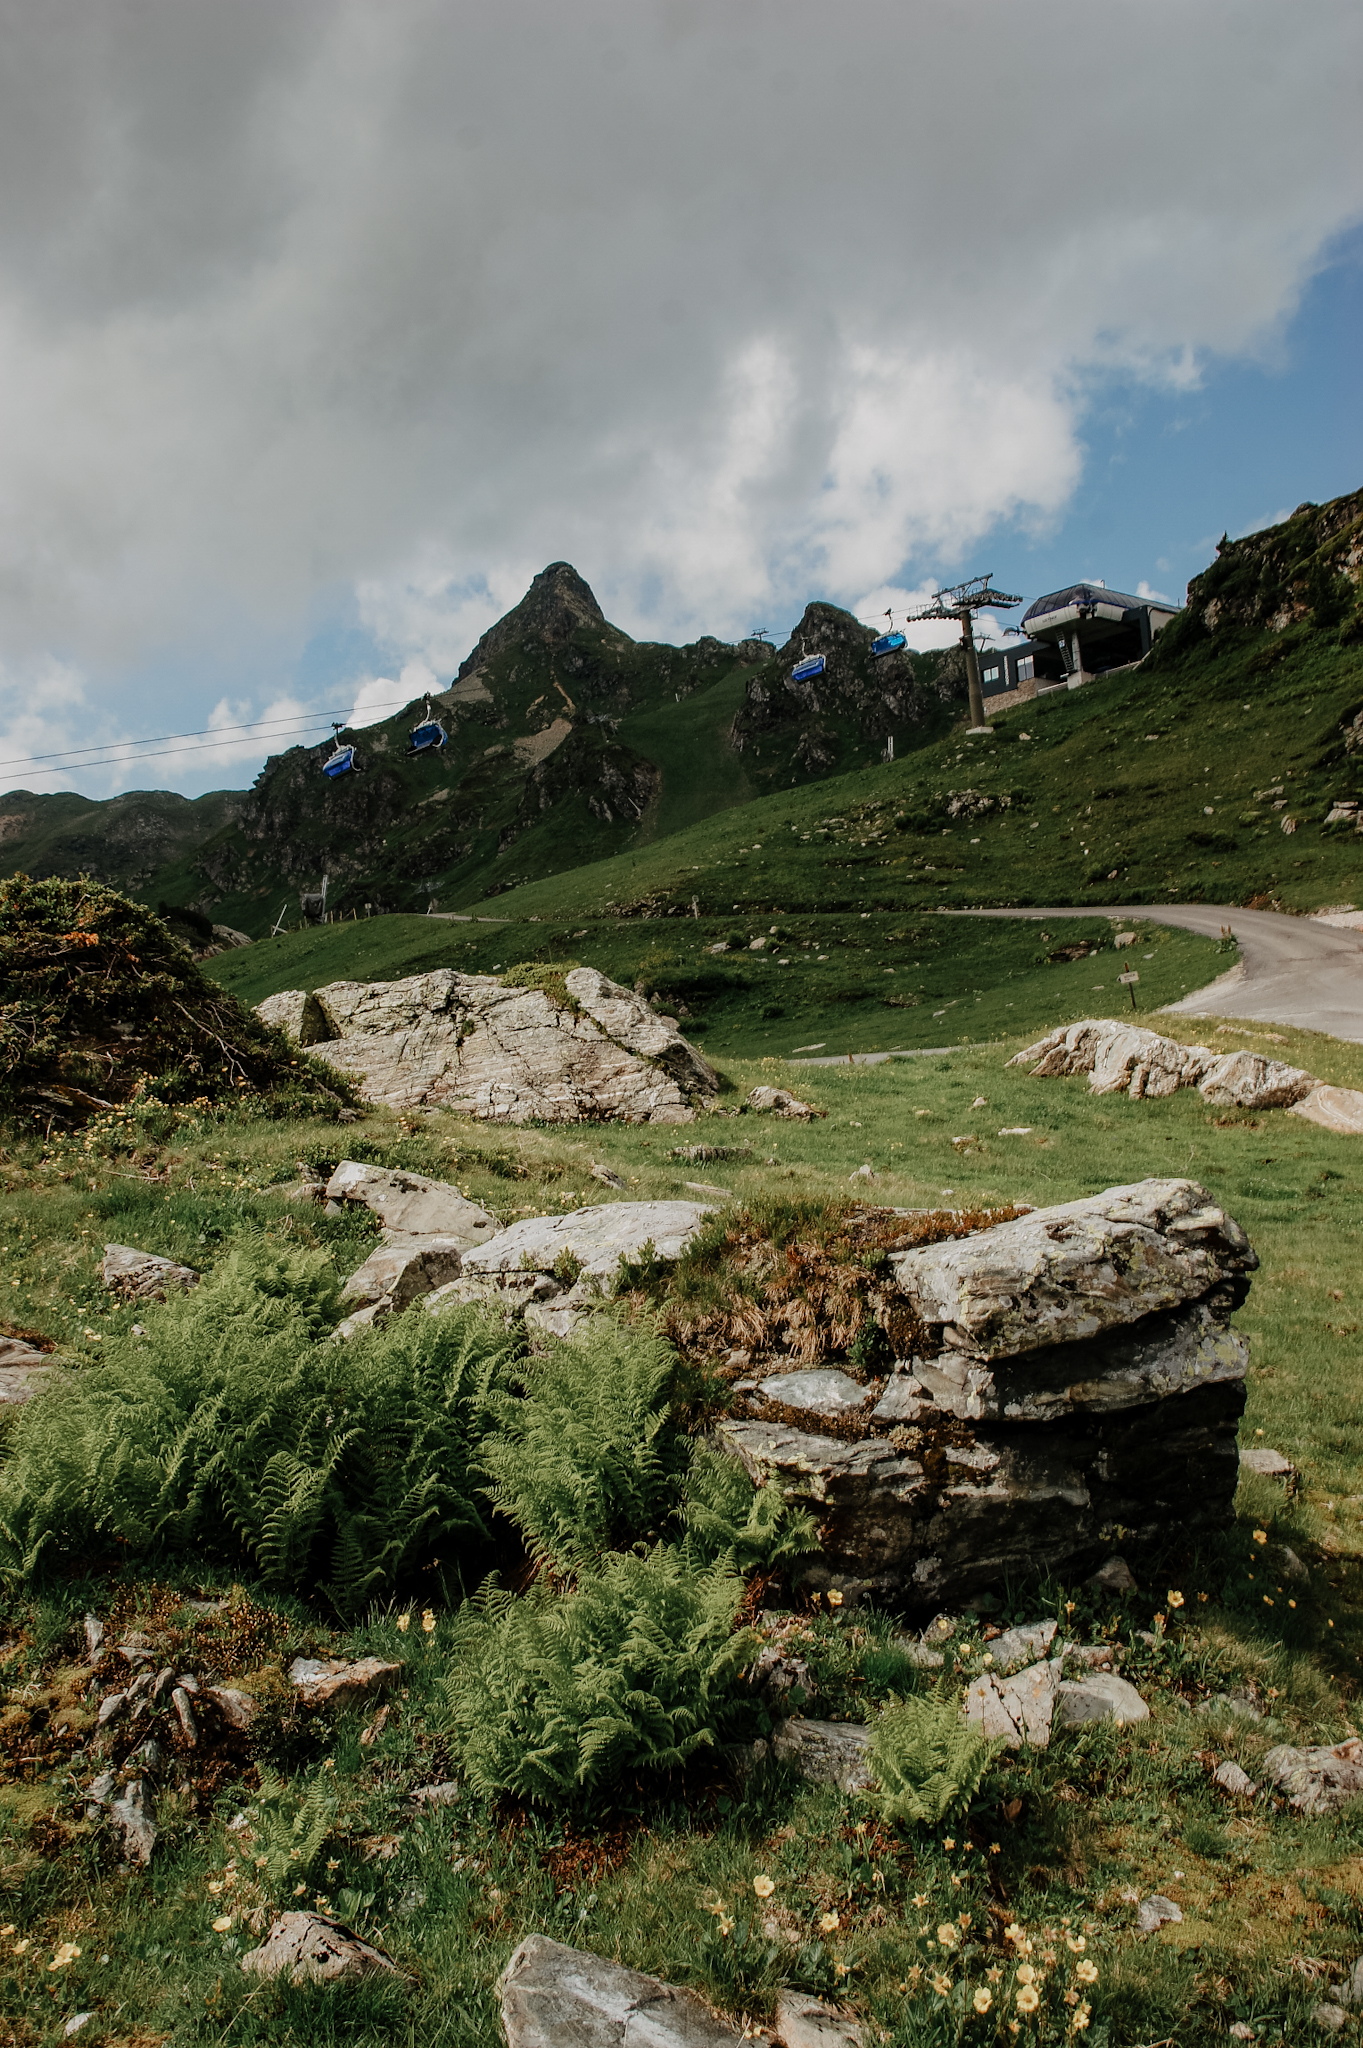 Wanderung Obertauern 3 Seen